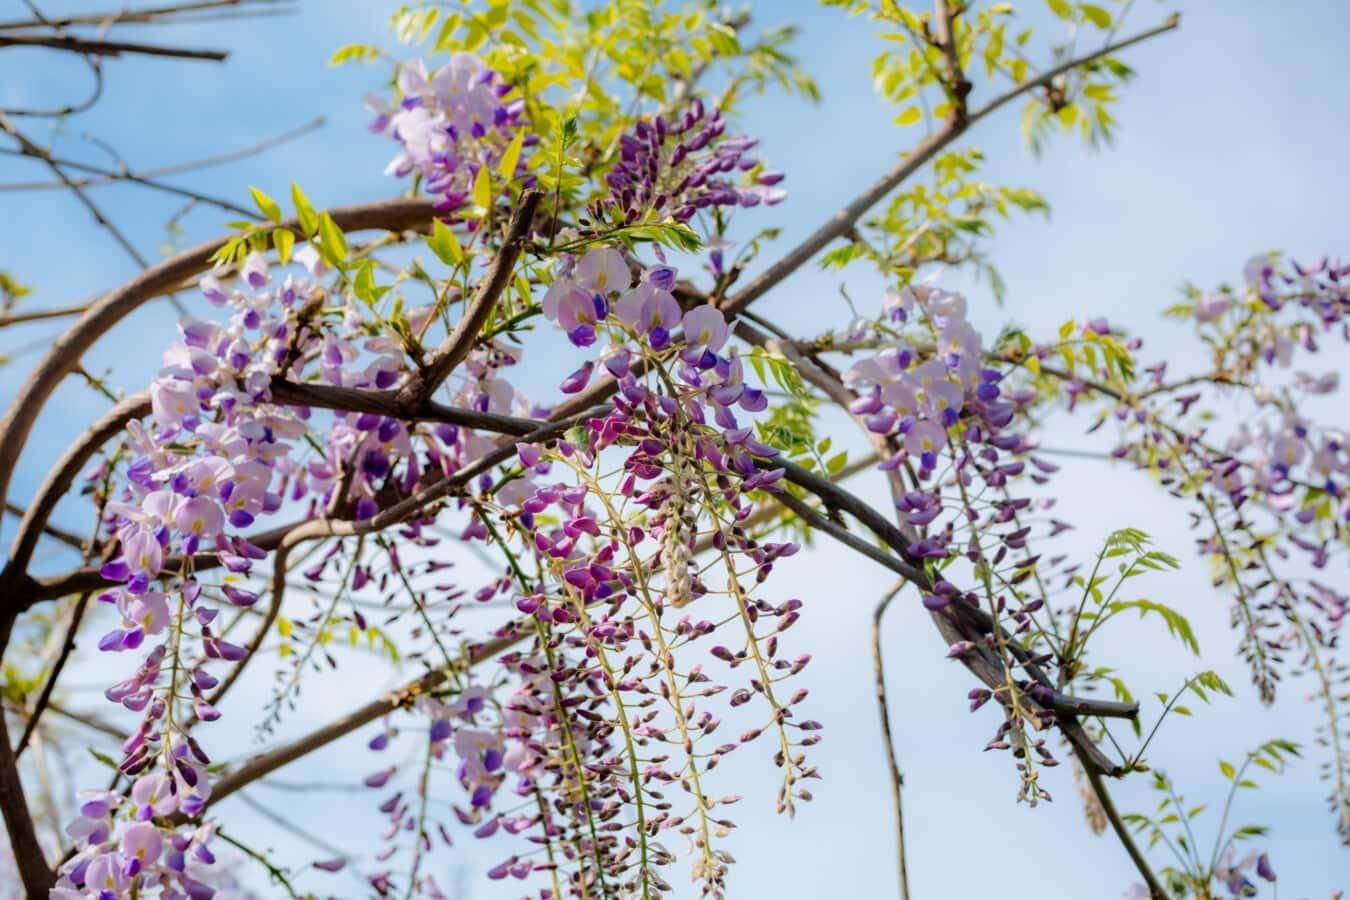 Akazie, Garten, Botanische, Flora, Natur, Struktur, Ast, Blume, Blatt, Farbe